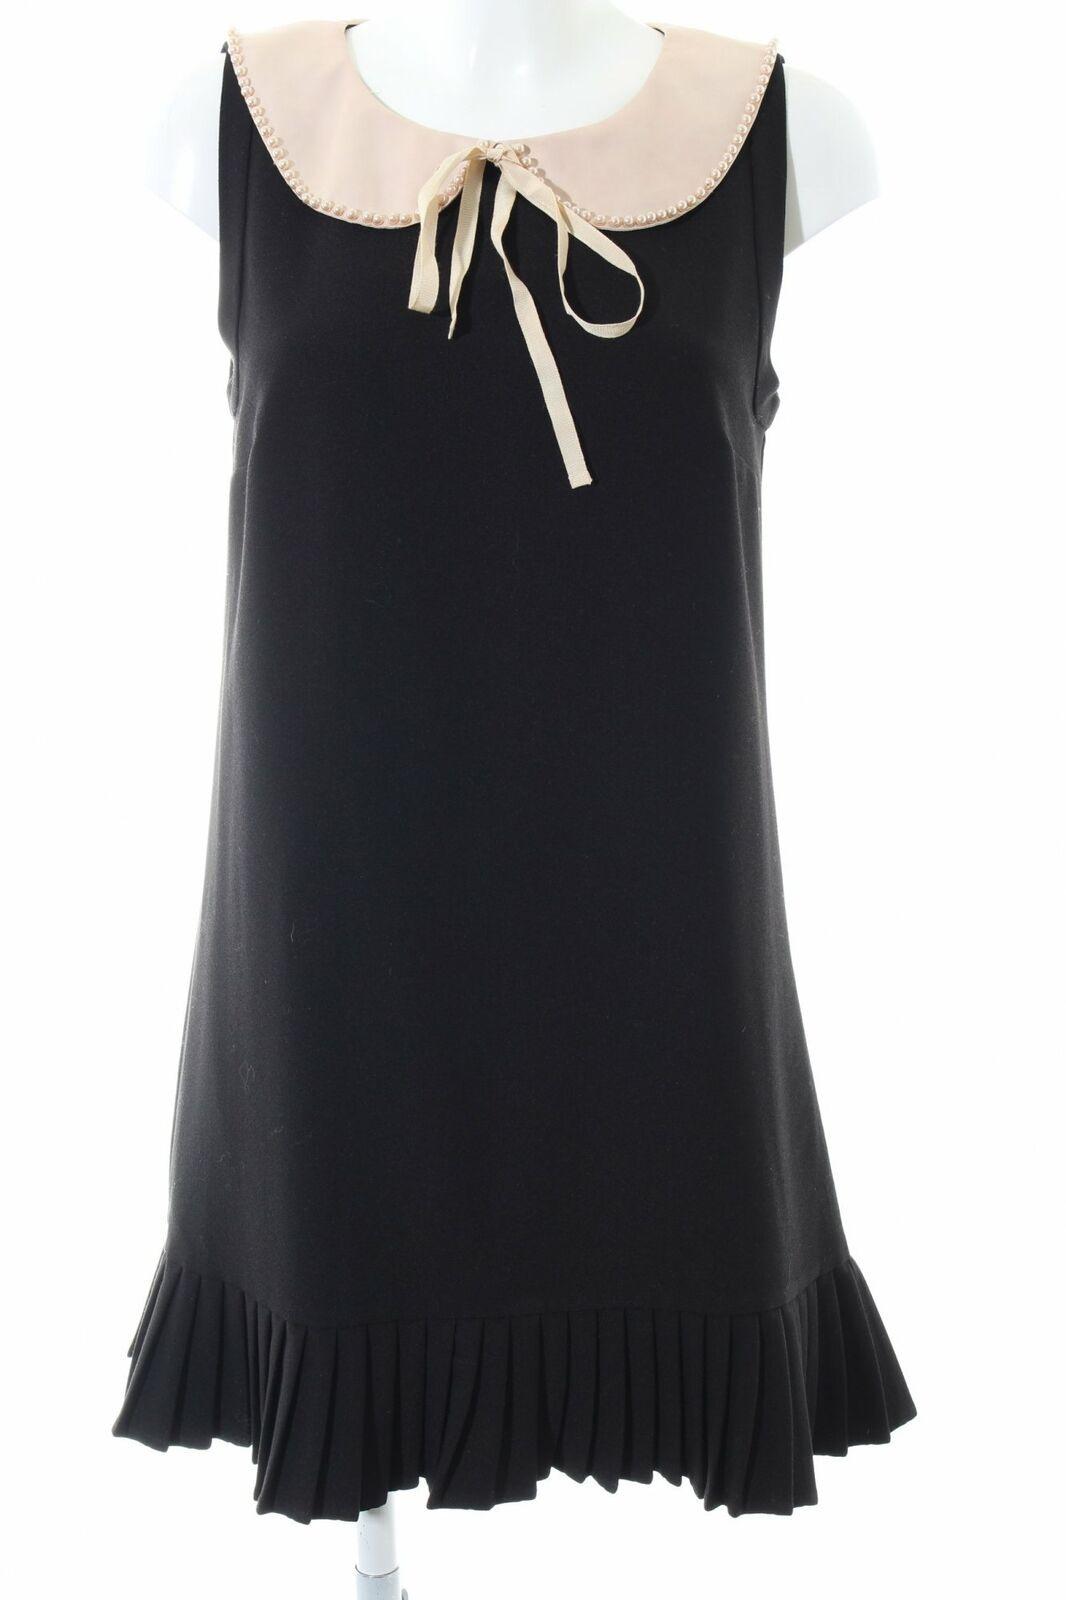 10 Coolste Abendkleid Damen VertriebAbend Schön Abendkleid Damen Galerie